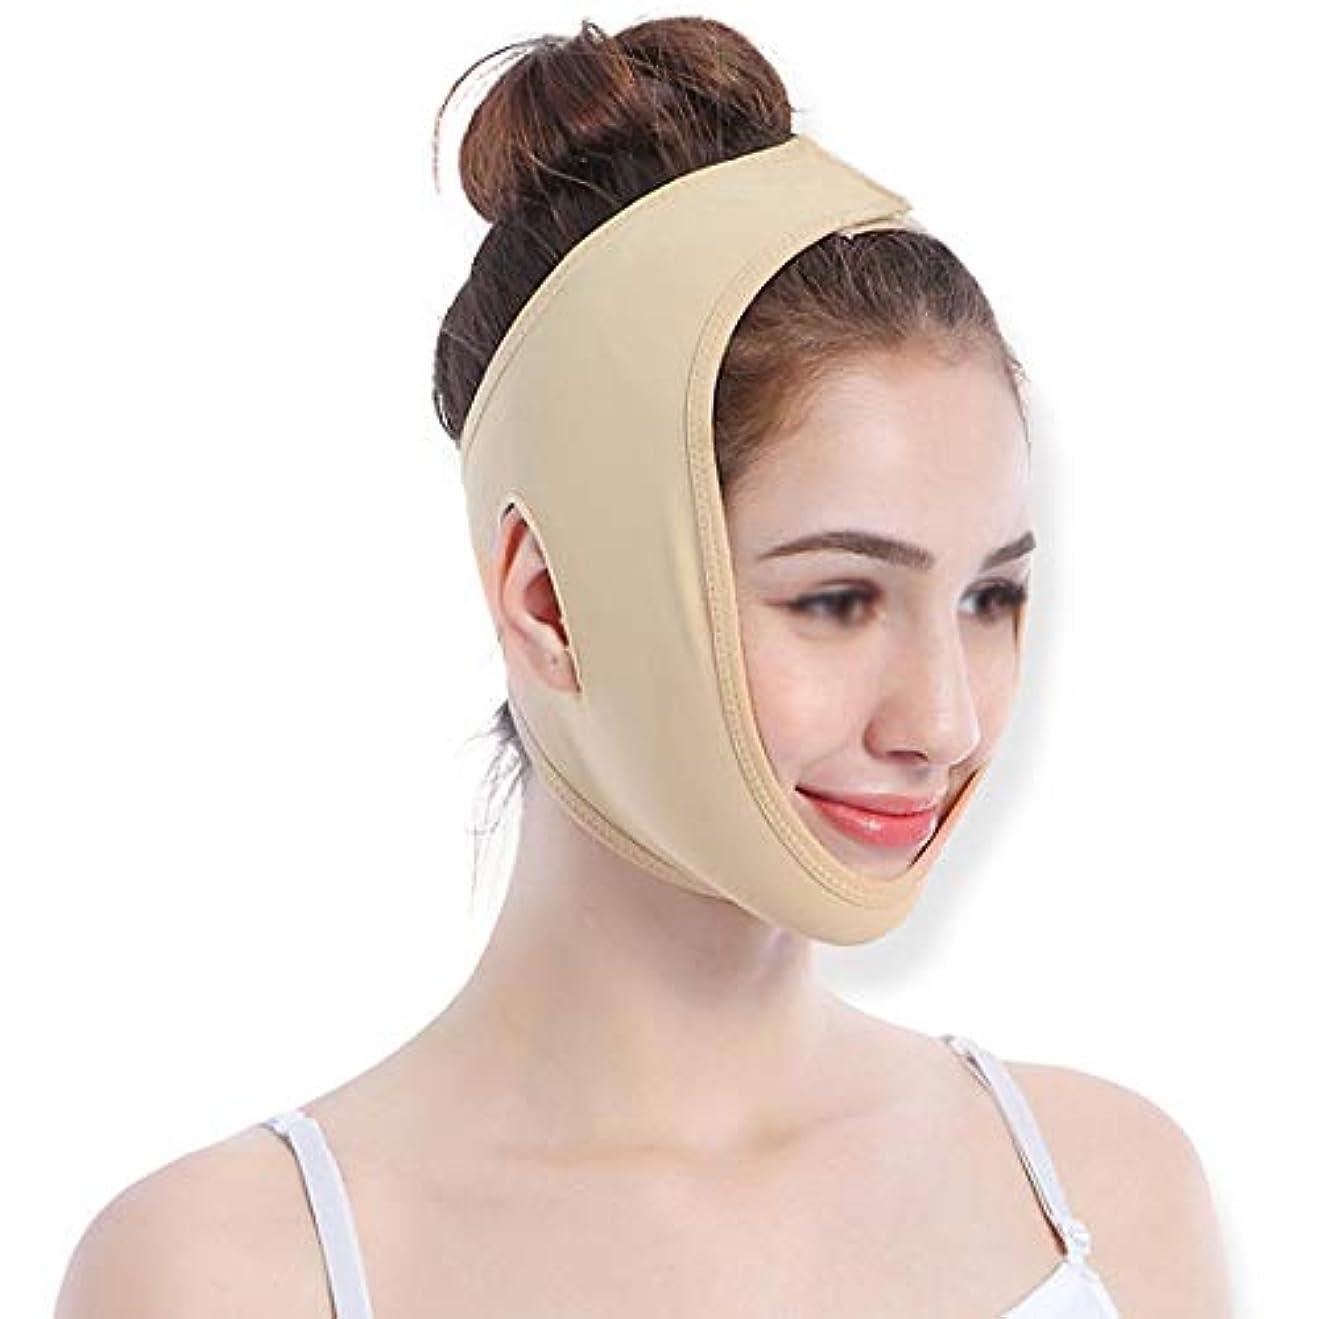 に勝る比較的ミルZWBD フェイスマスク, 減量の包帯の男性と女性を削除するフェイスリフティングアーティファクト二重あごフェイスリフトアーティファクトVフェイスマスク楽器包帯